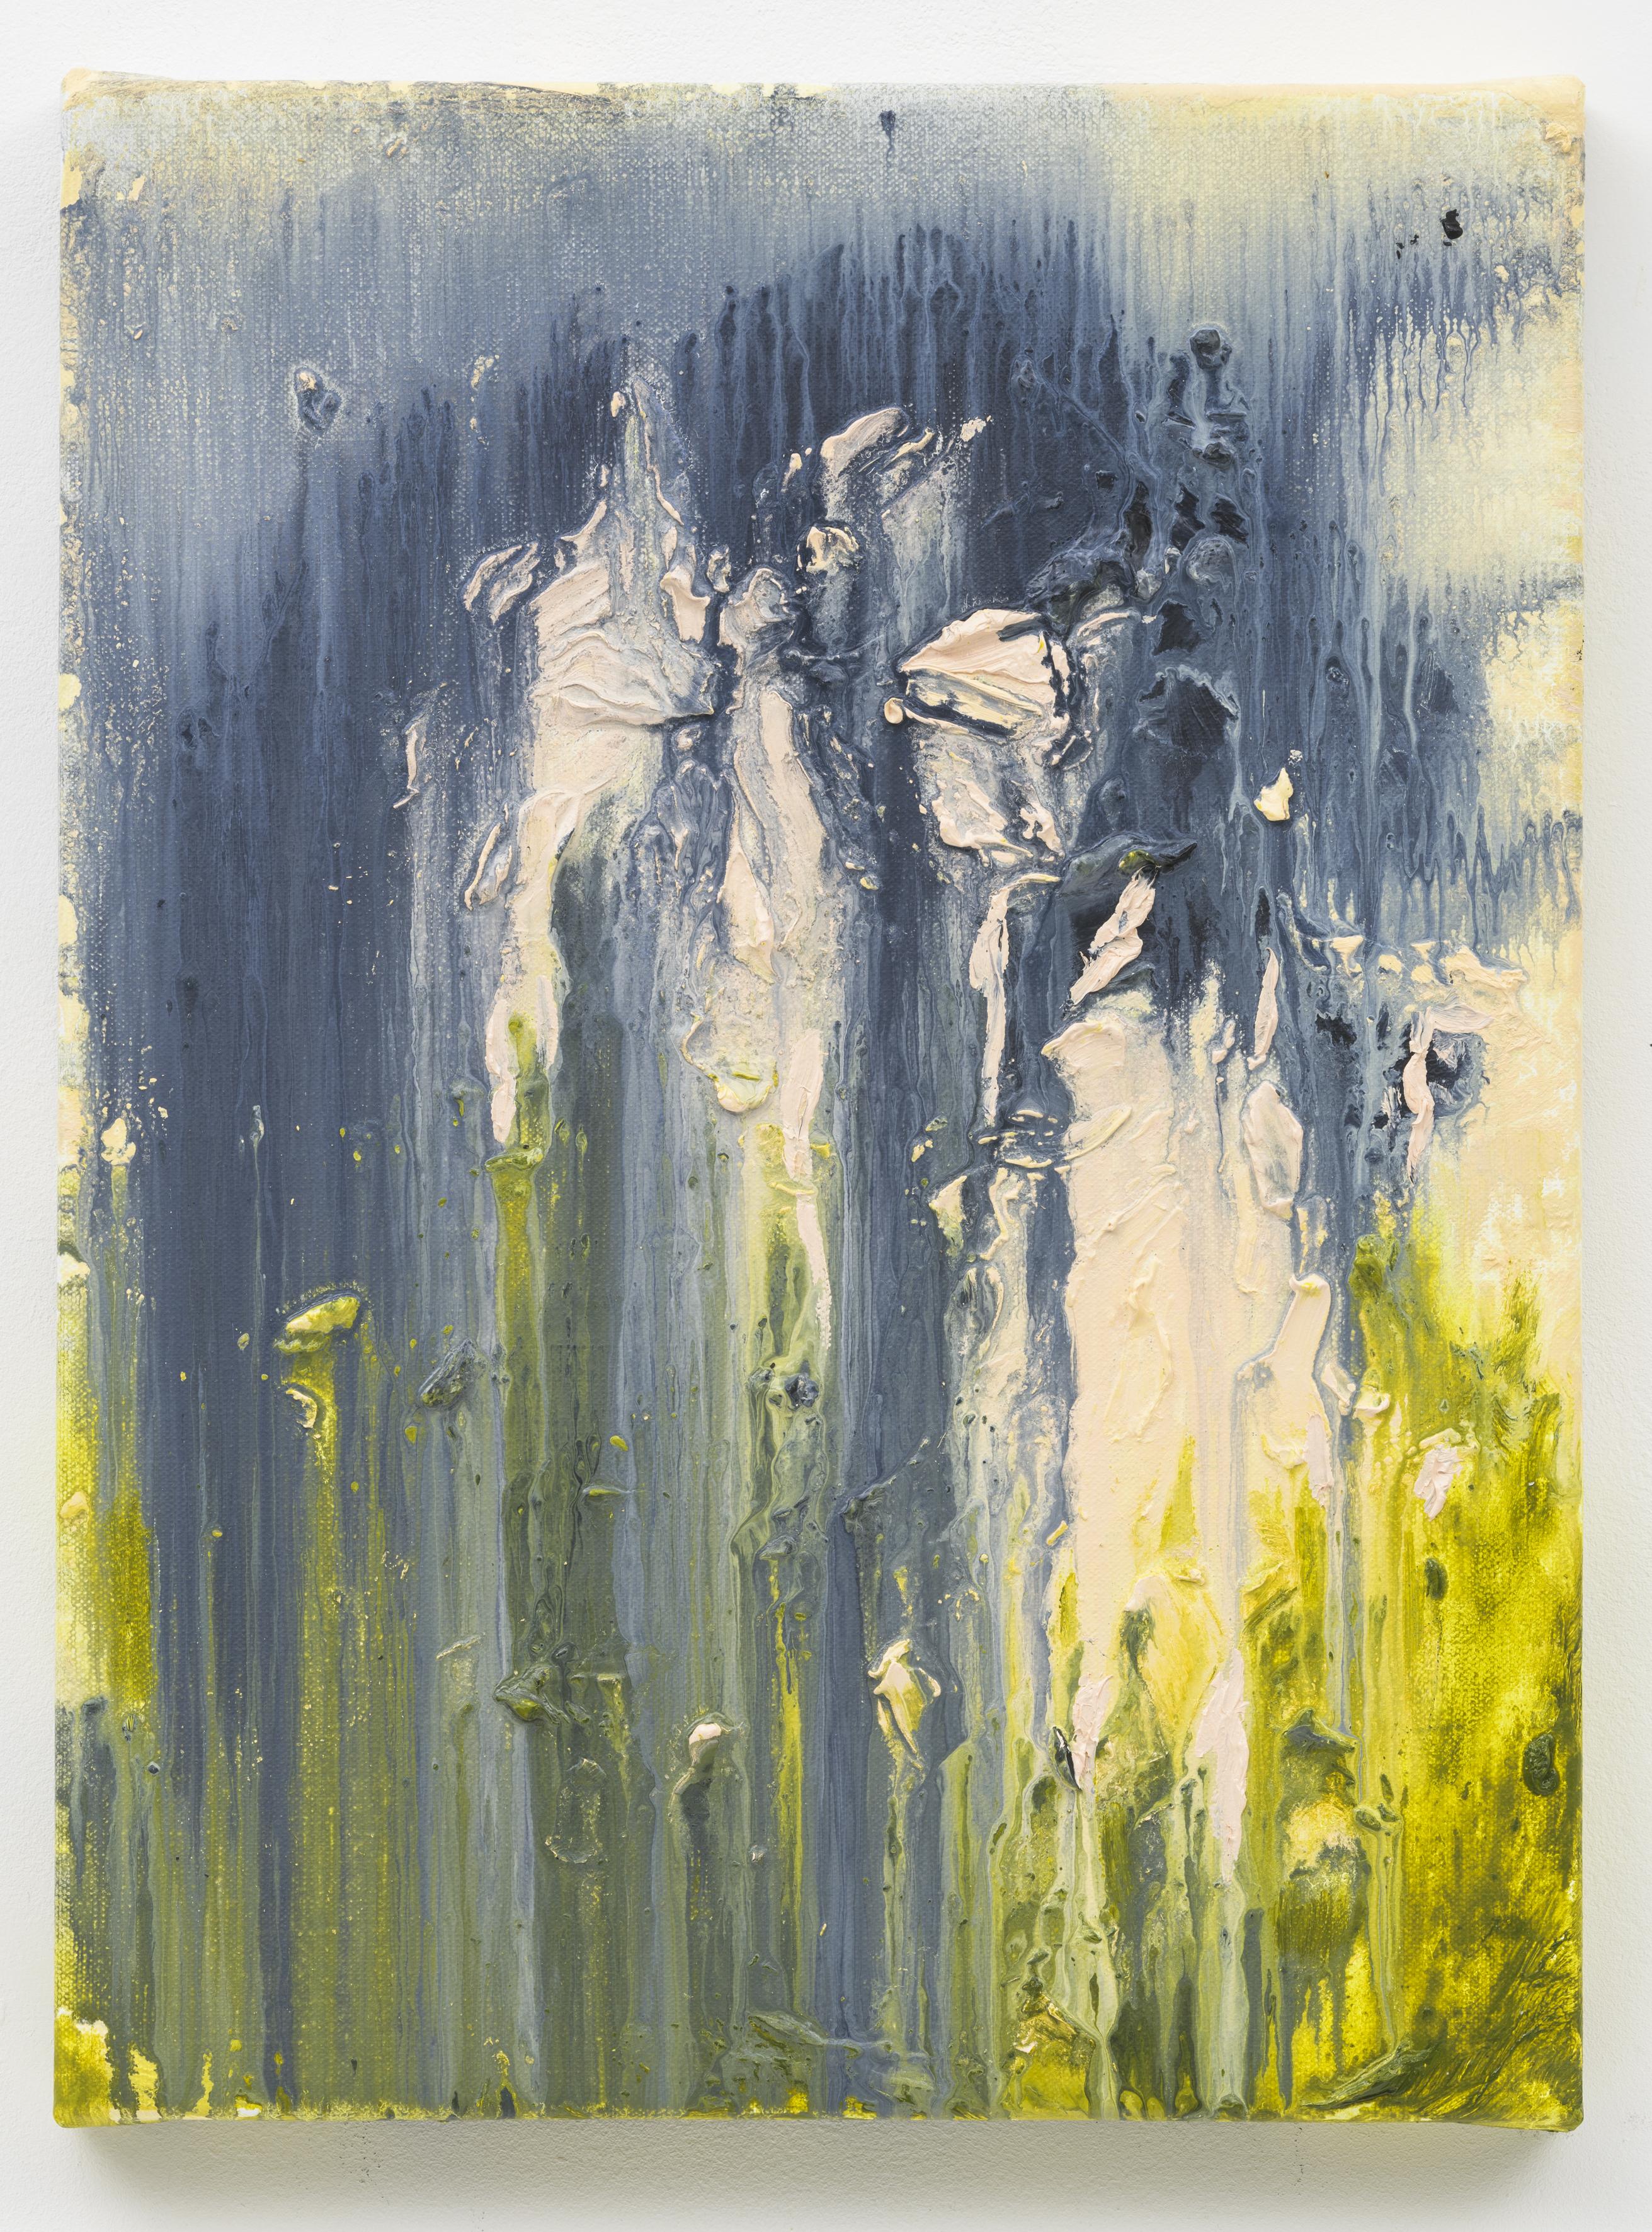 """""""Rare Flowers"""" 40 x 30 cm. oil on linen 2018 (Portugal)"""